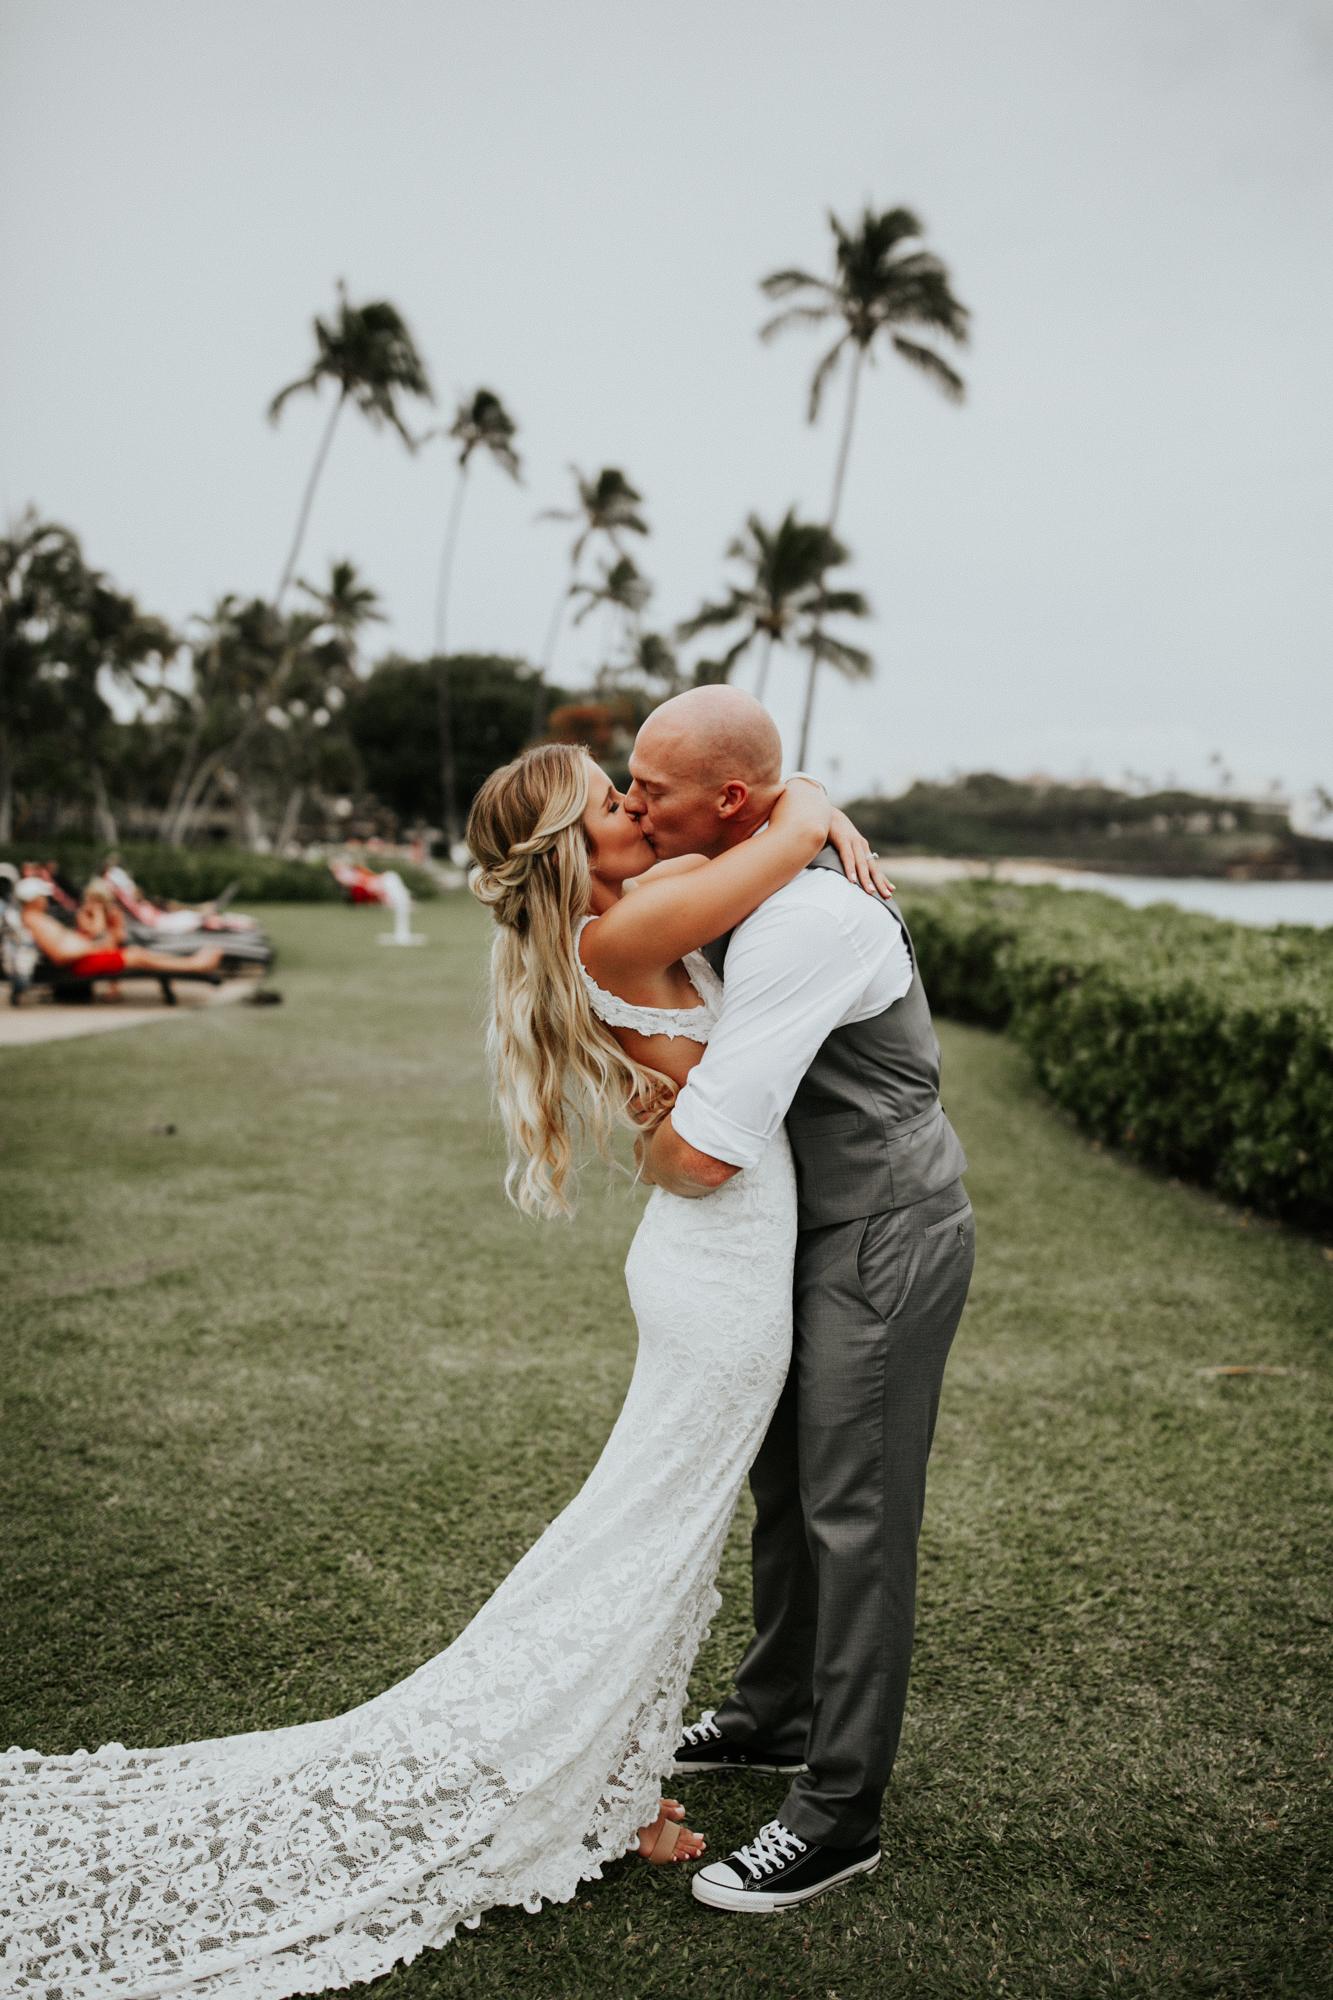 destination-wedding-photographer-hawaii-maui-elopement-42.jpg